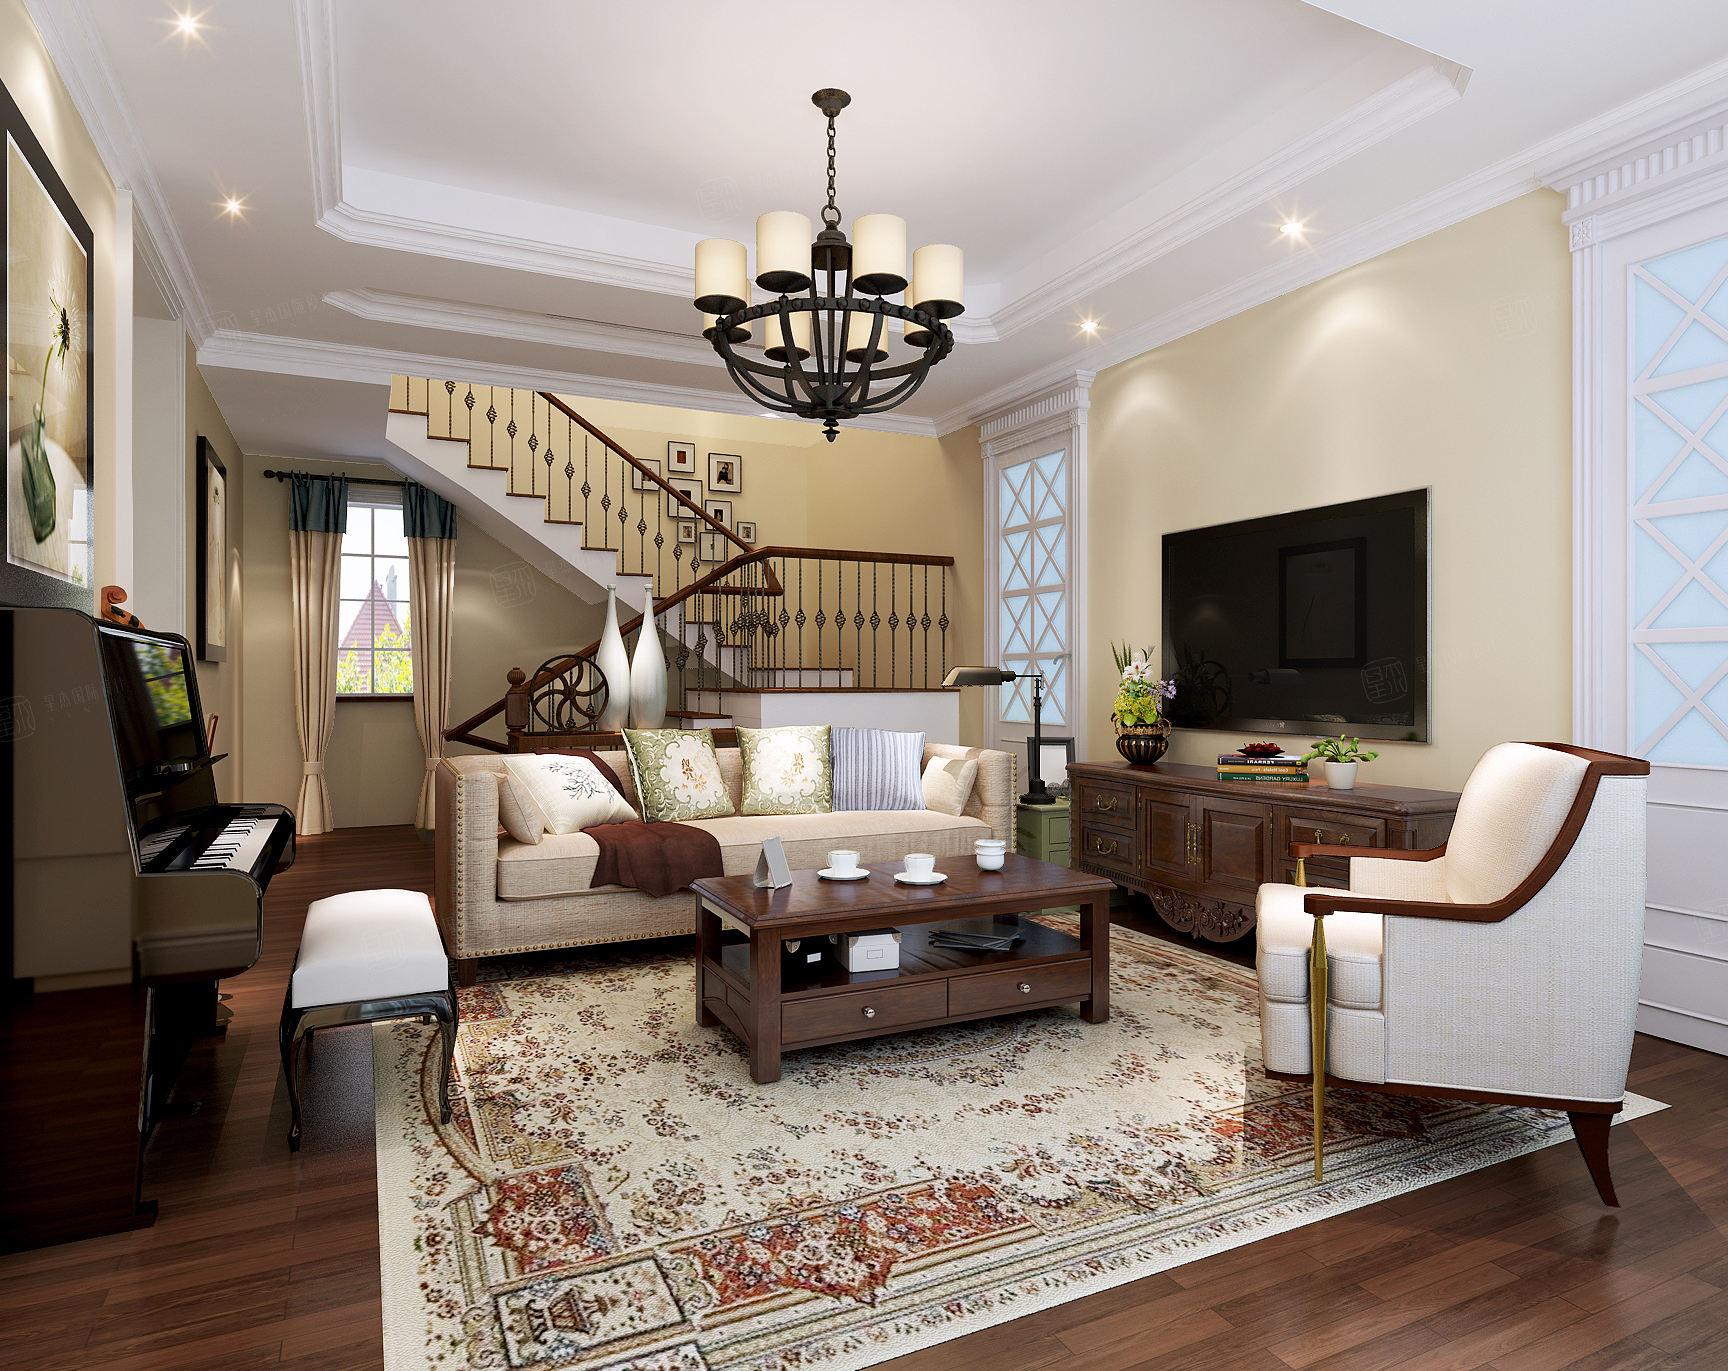 富力湾 西班牙风格装修起居室效果图